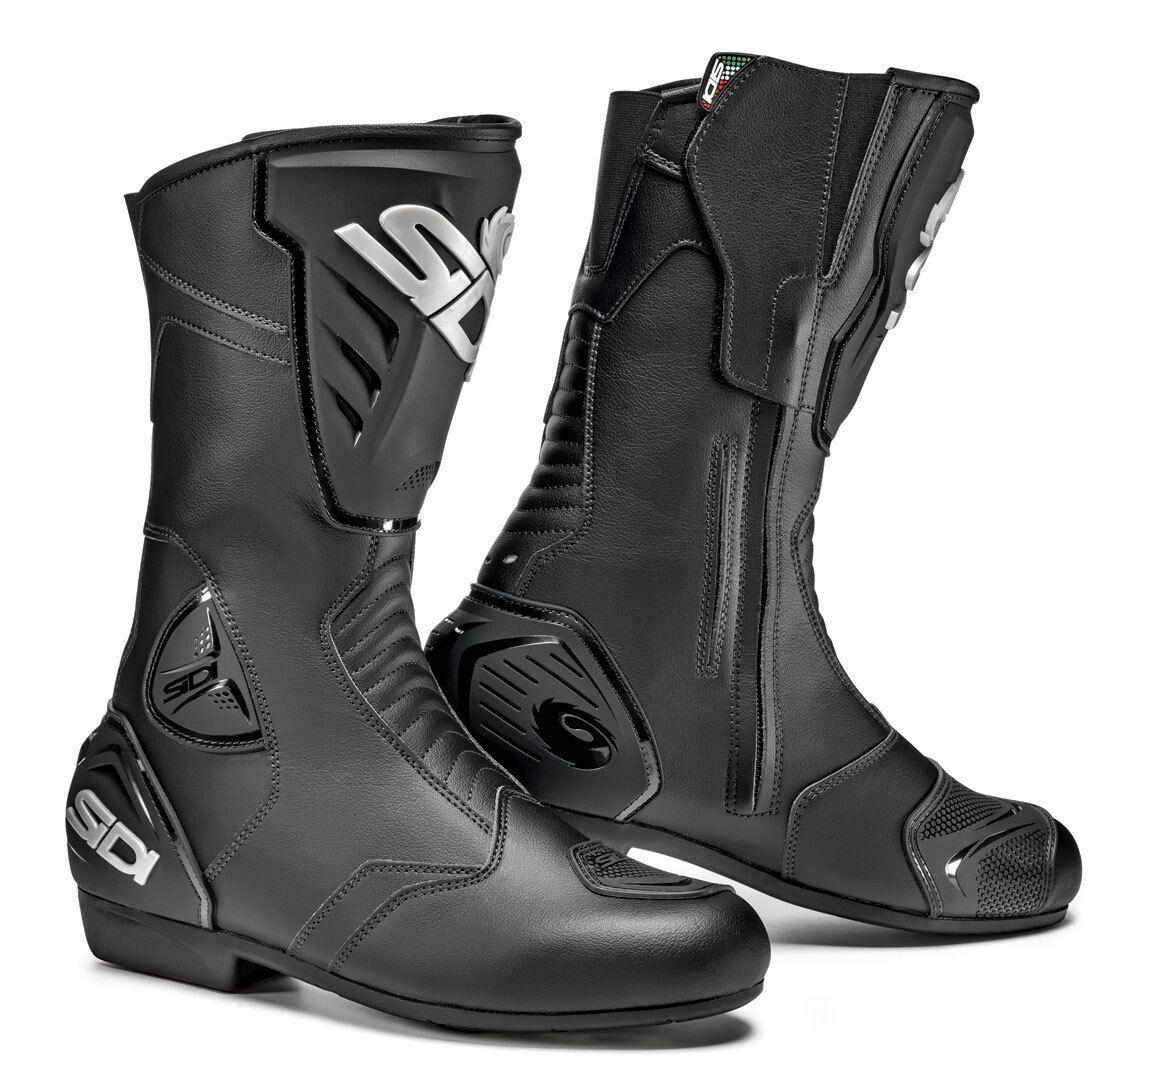 Sidi Black Rain Bottes de moto imperméable à l'eau Noir taille : 39